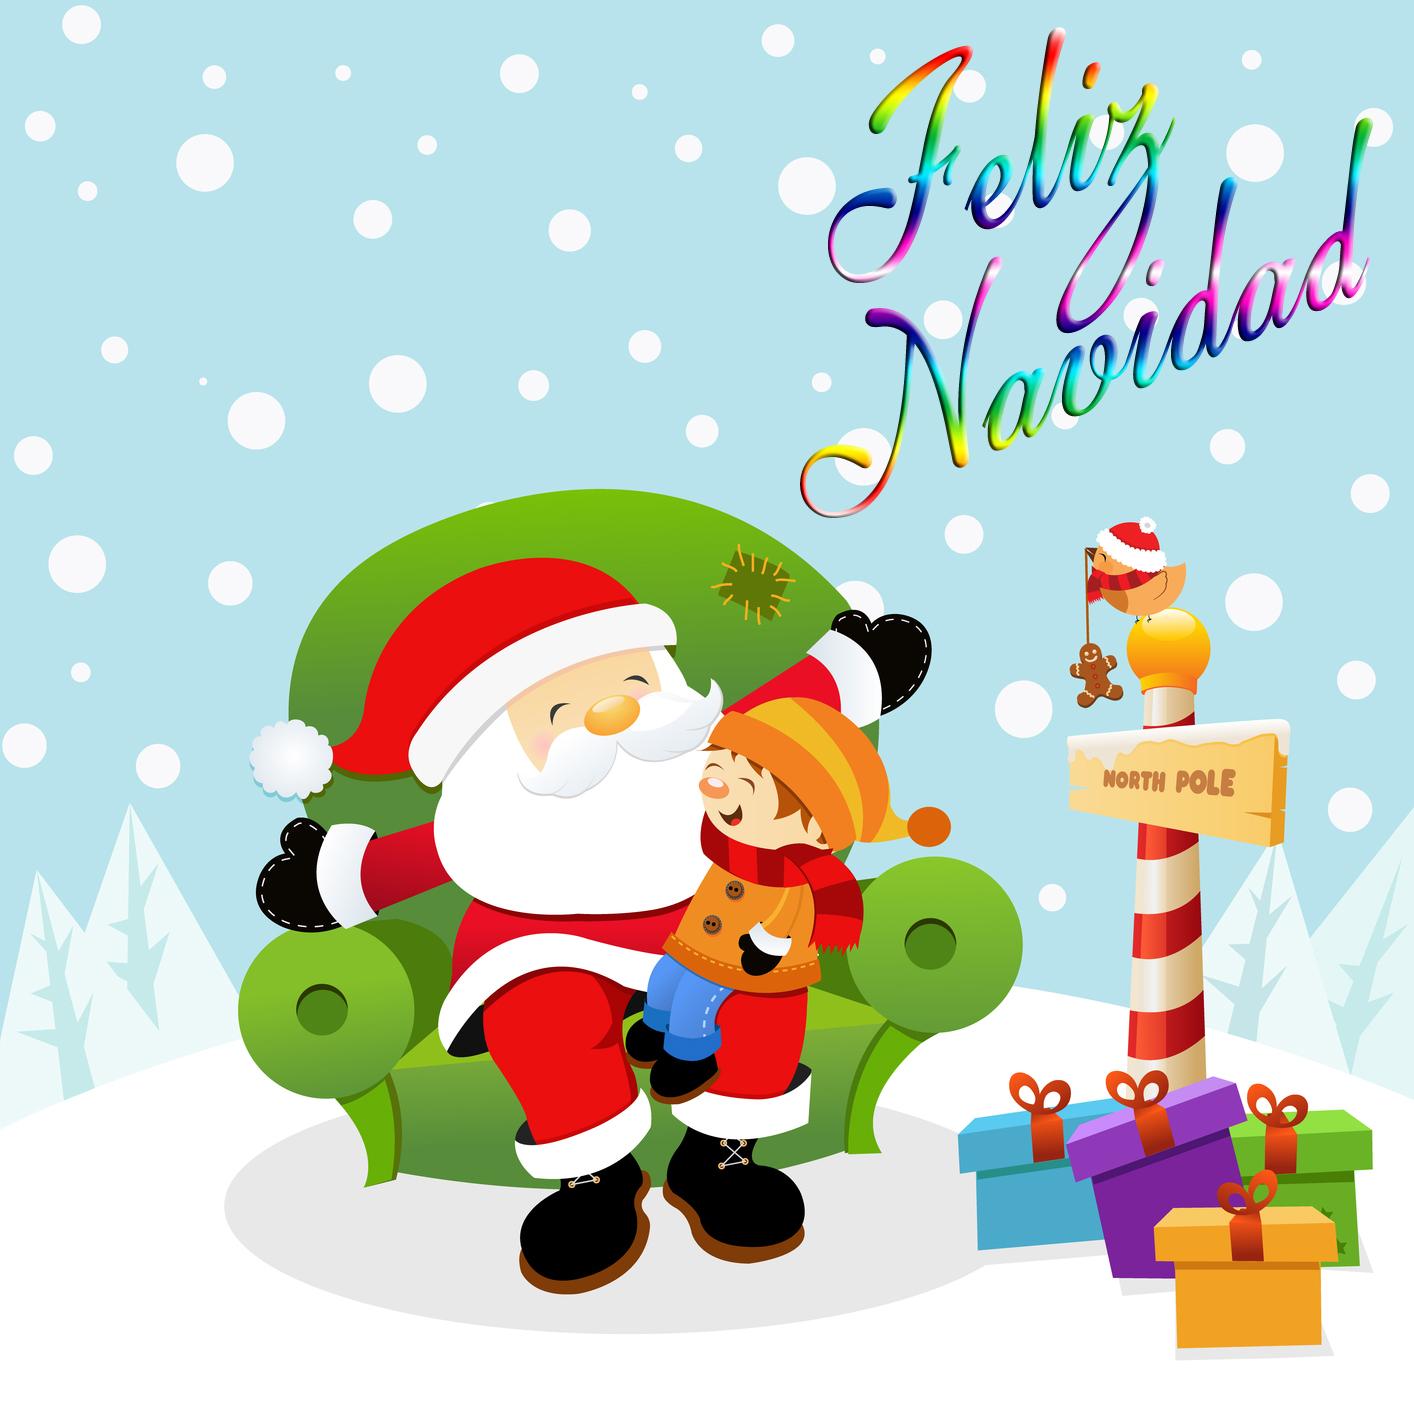 Tarjetas de navidad tarjetas navide as para felicitar las - Dibujos postales navidad ninos ...